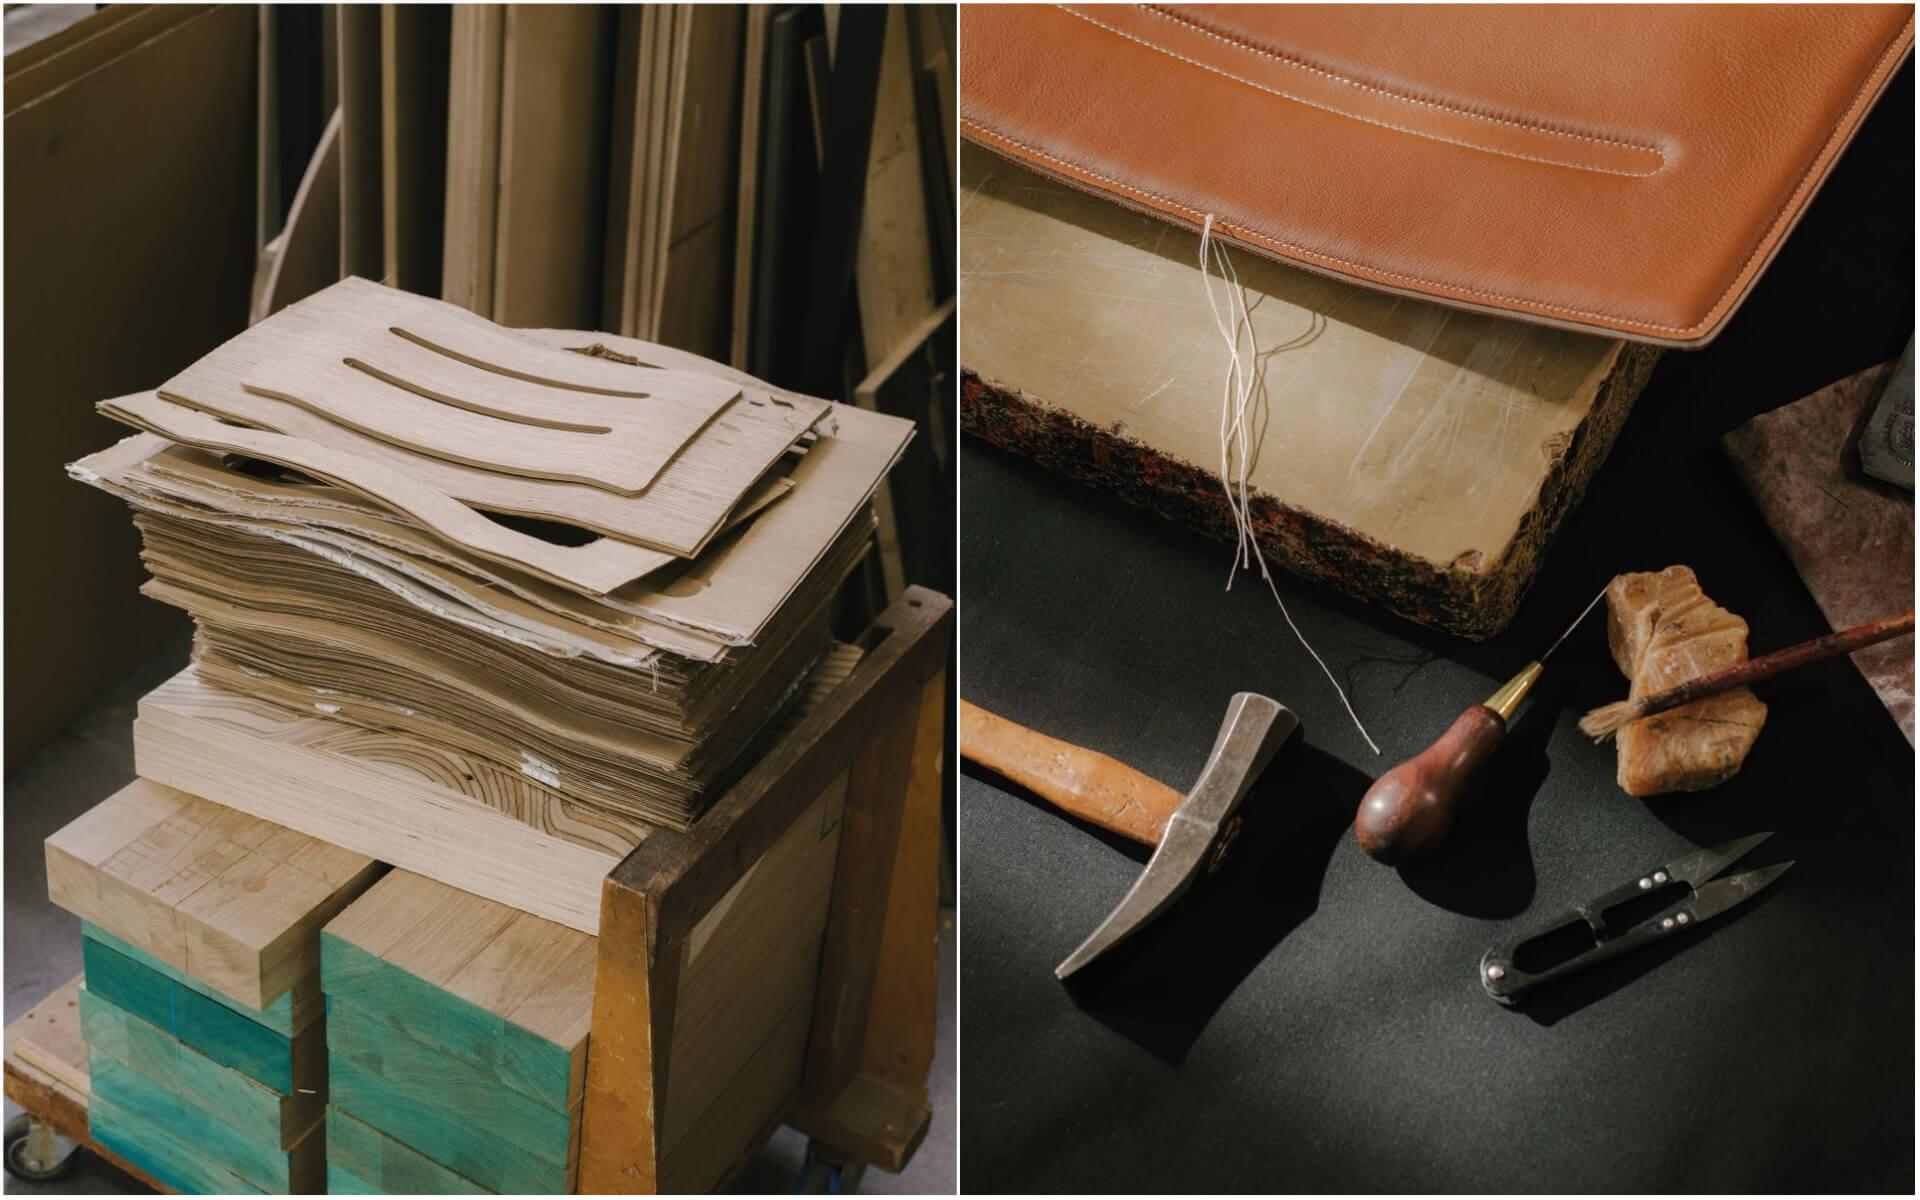 由修道院椅到居家crafted chair,結合木工和品牌最著名的皮革工藝。